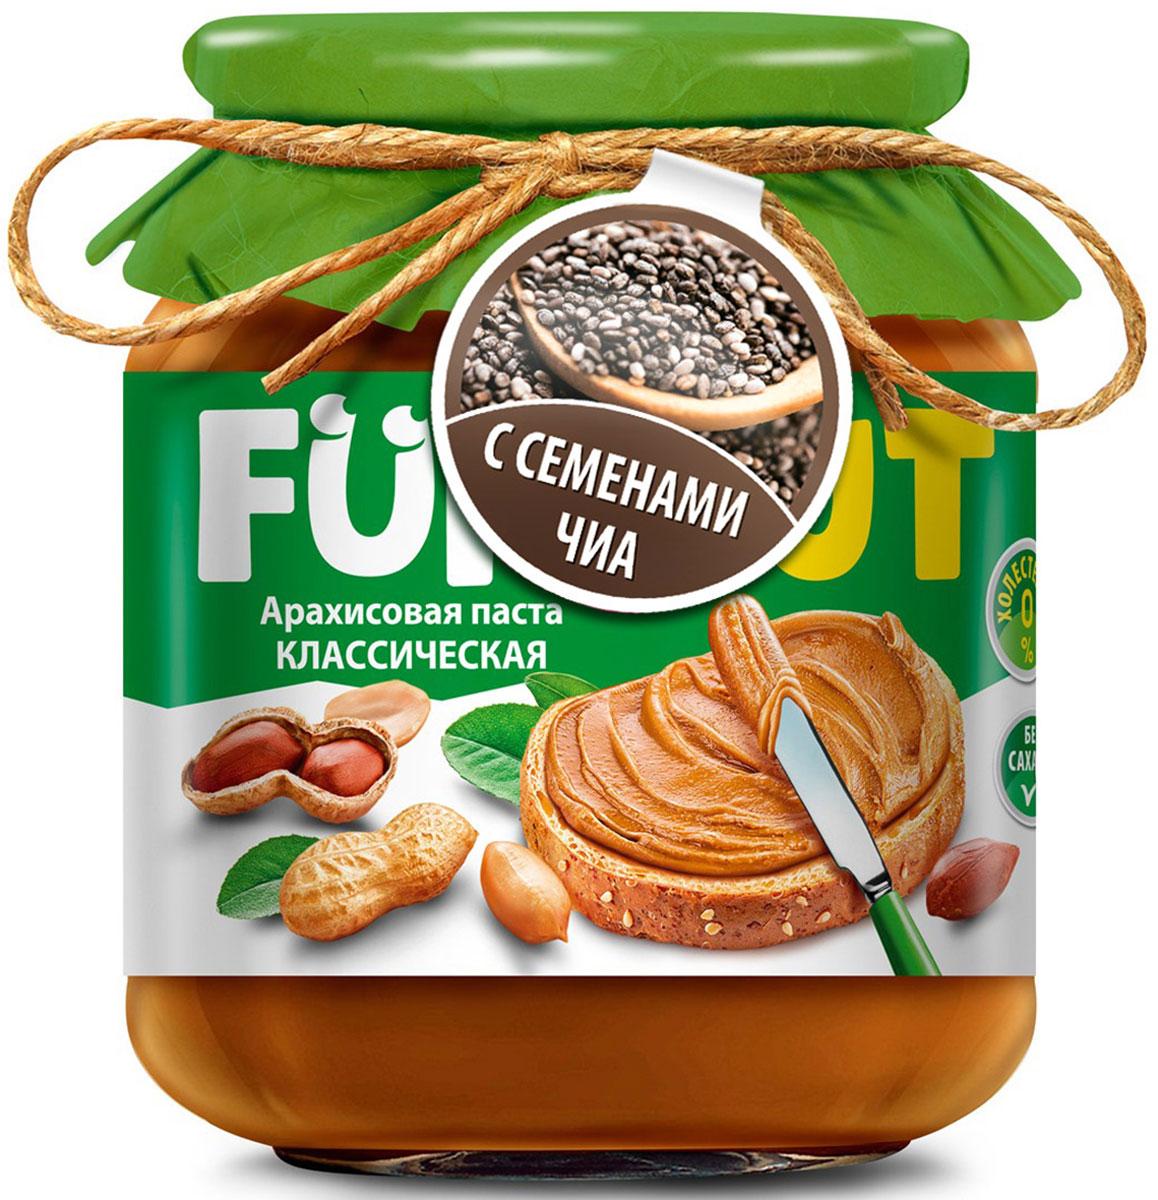 Фото Funnat Арахисовая паста классическая с добавлением чиа, 340 г. Купить  в РФ